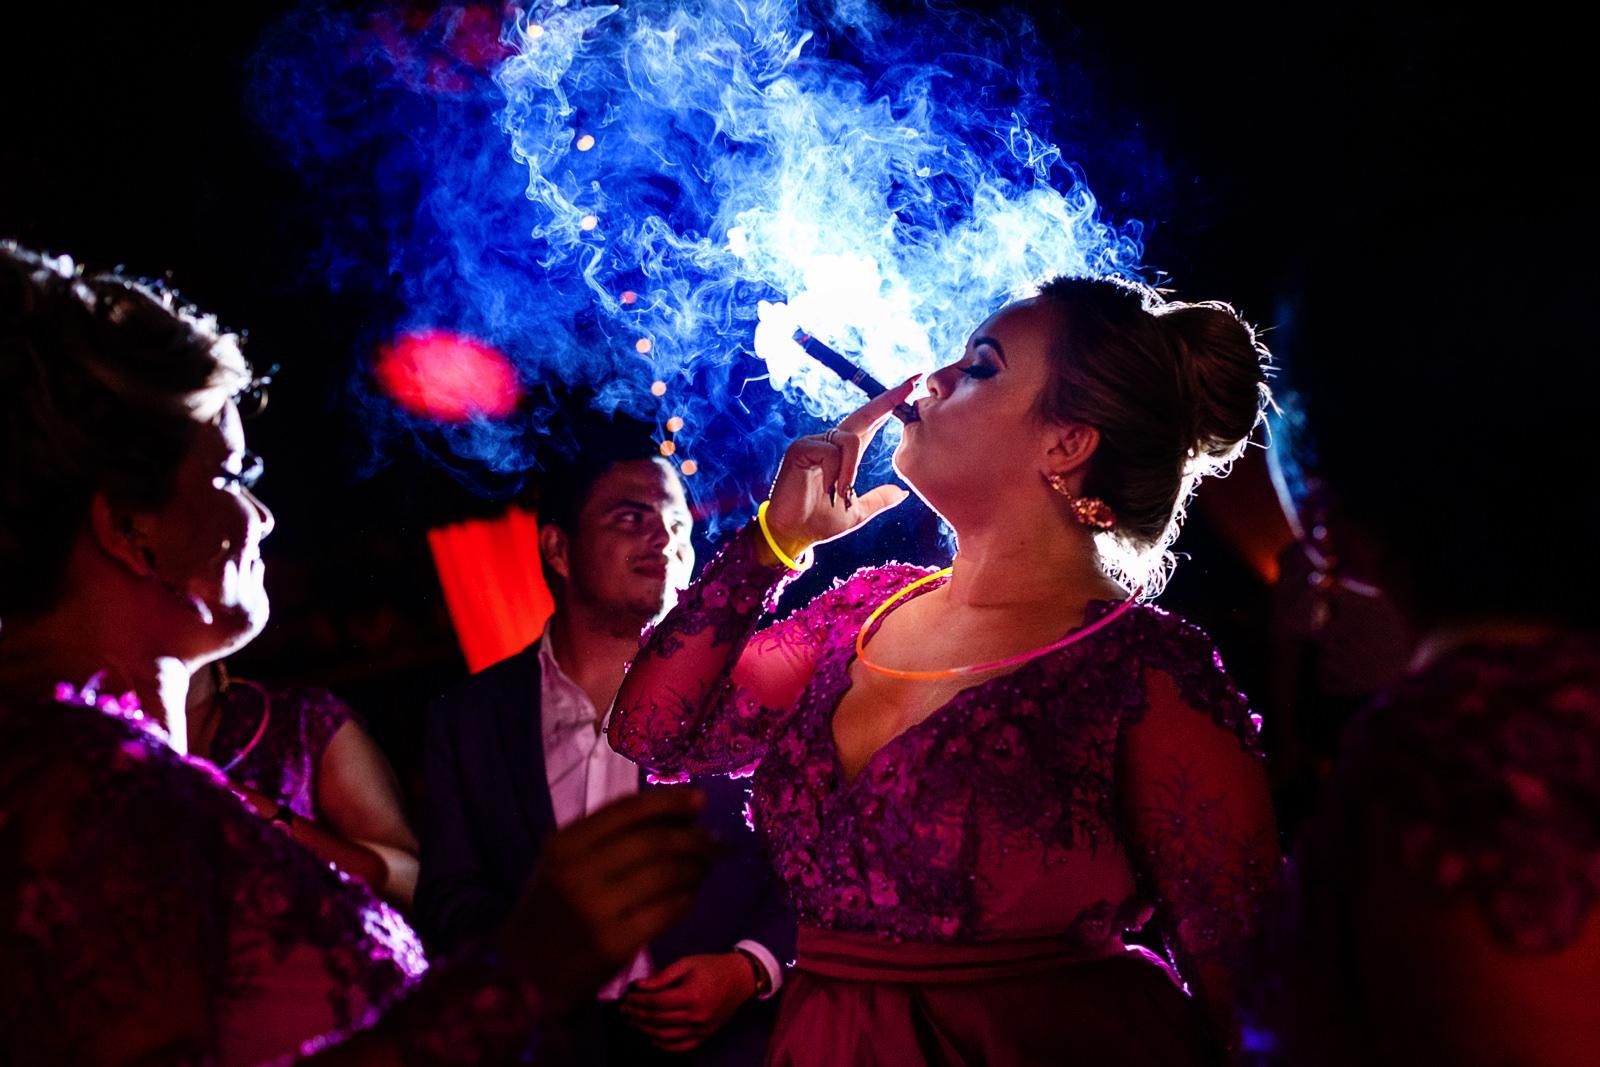 Groomsmaid smoking a cigar at the party.